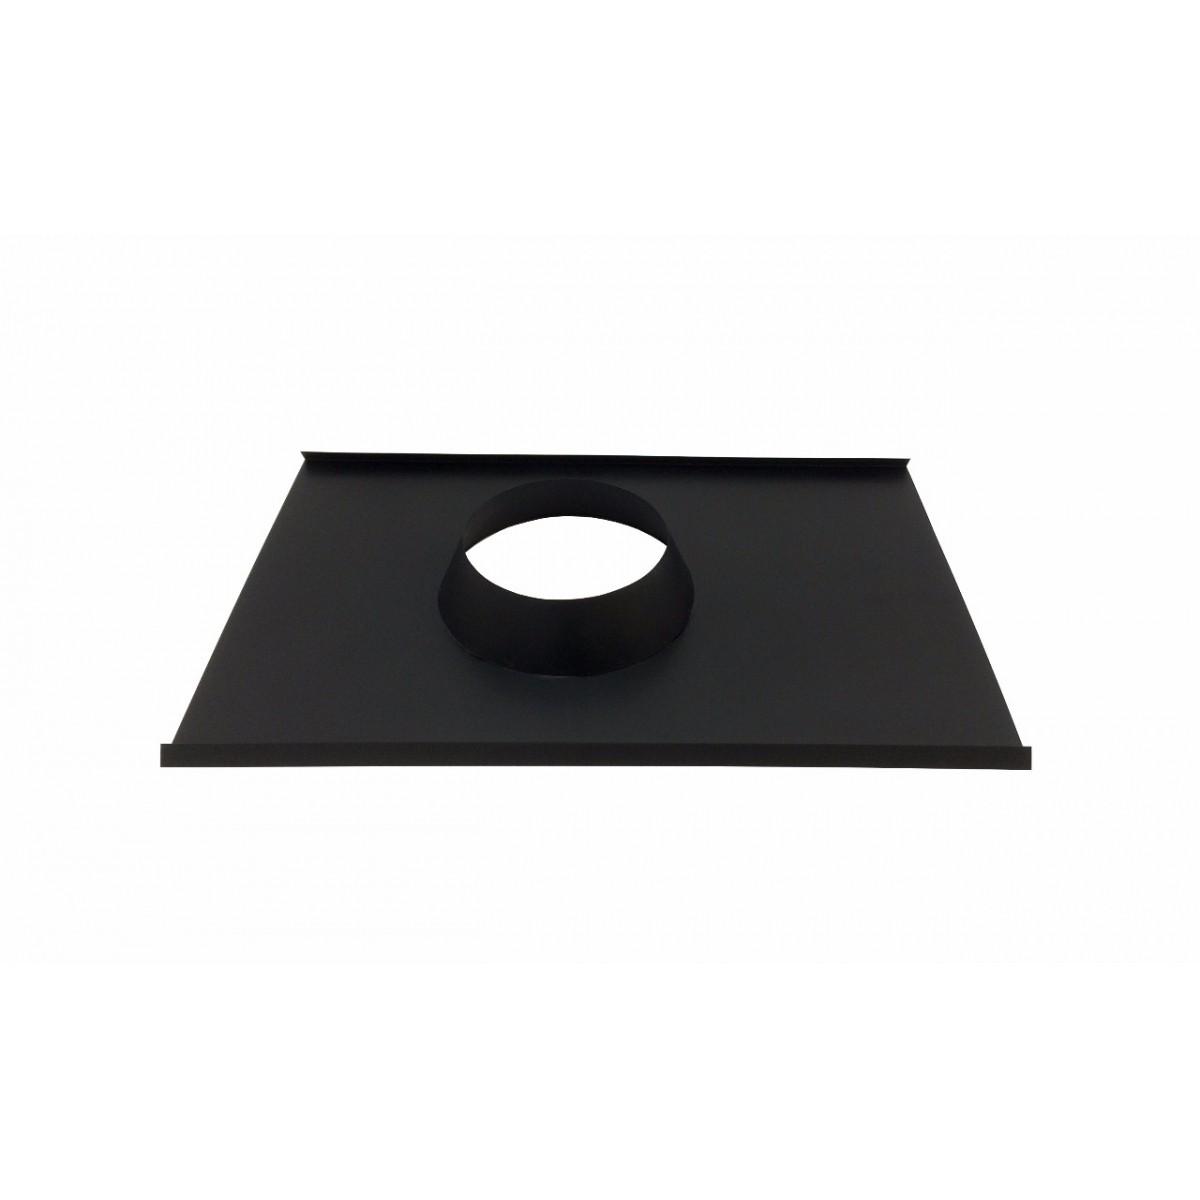 Rufo de telhado preto para chaminé de 180 mm de diâmetro  - Galvocalhas